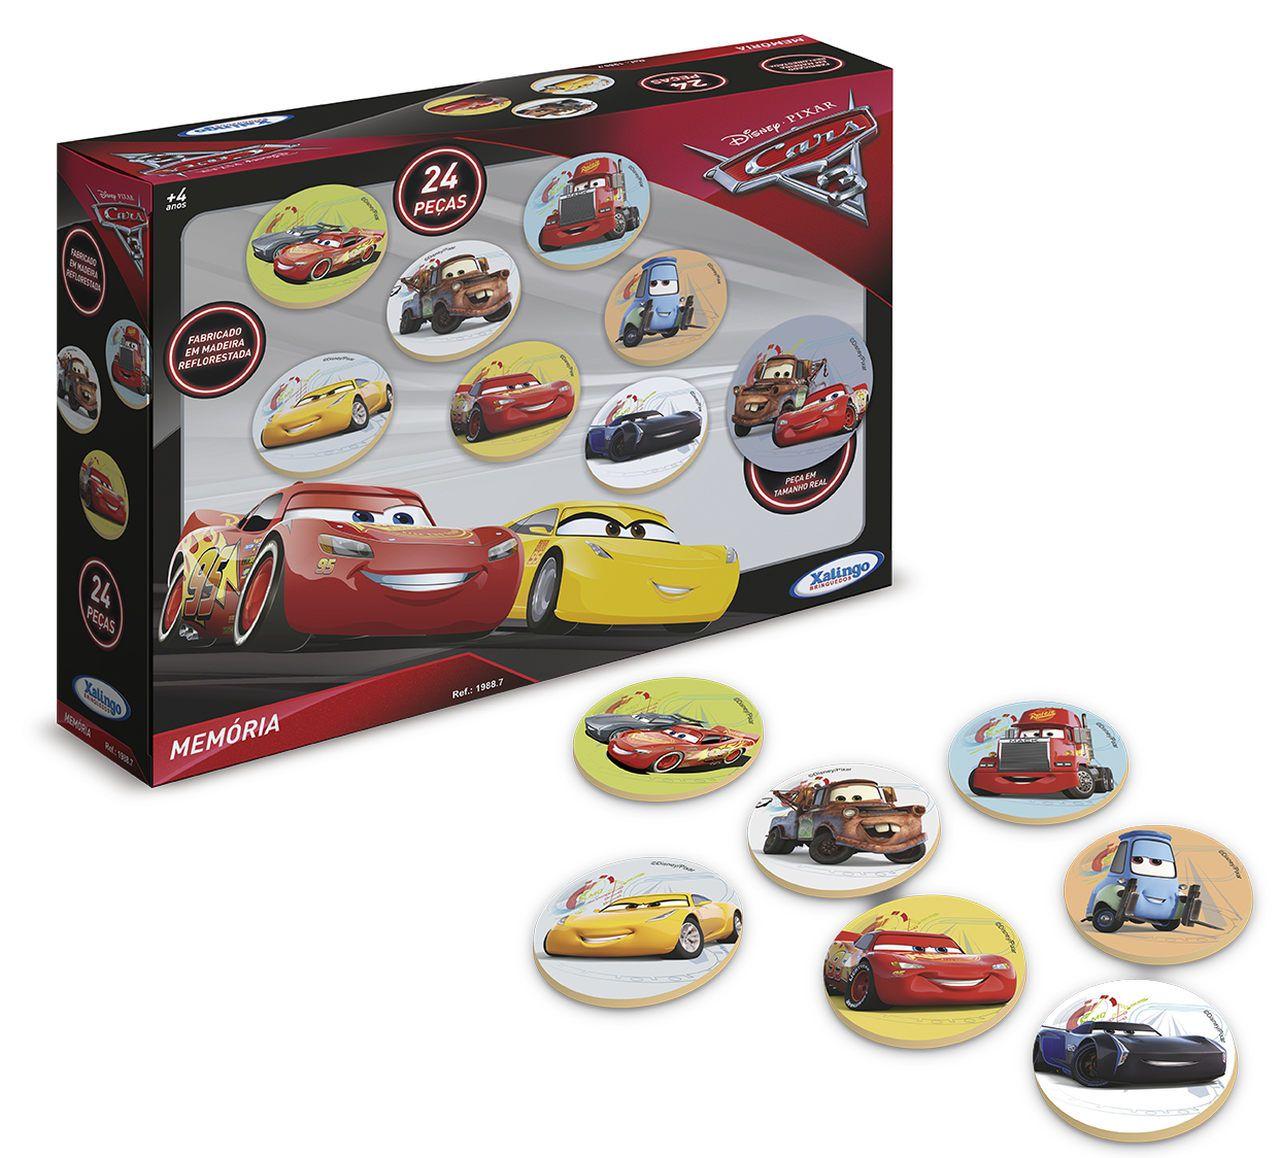 Jogo da Memória do Carros 3 Disney Pixar 24 peças - Xalingo